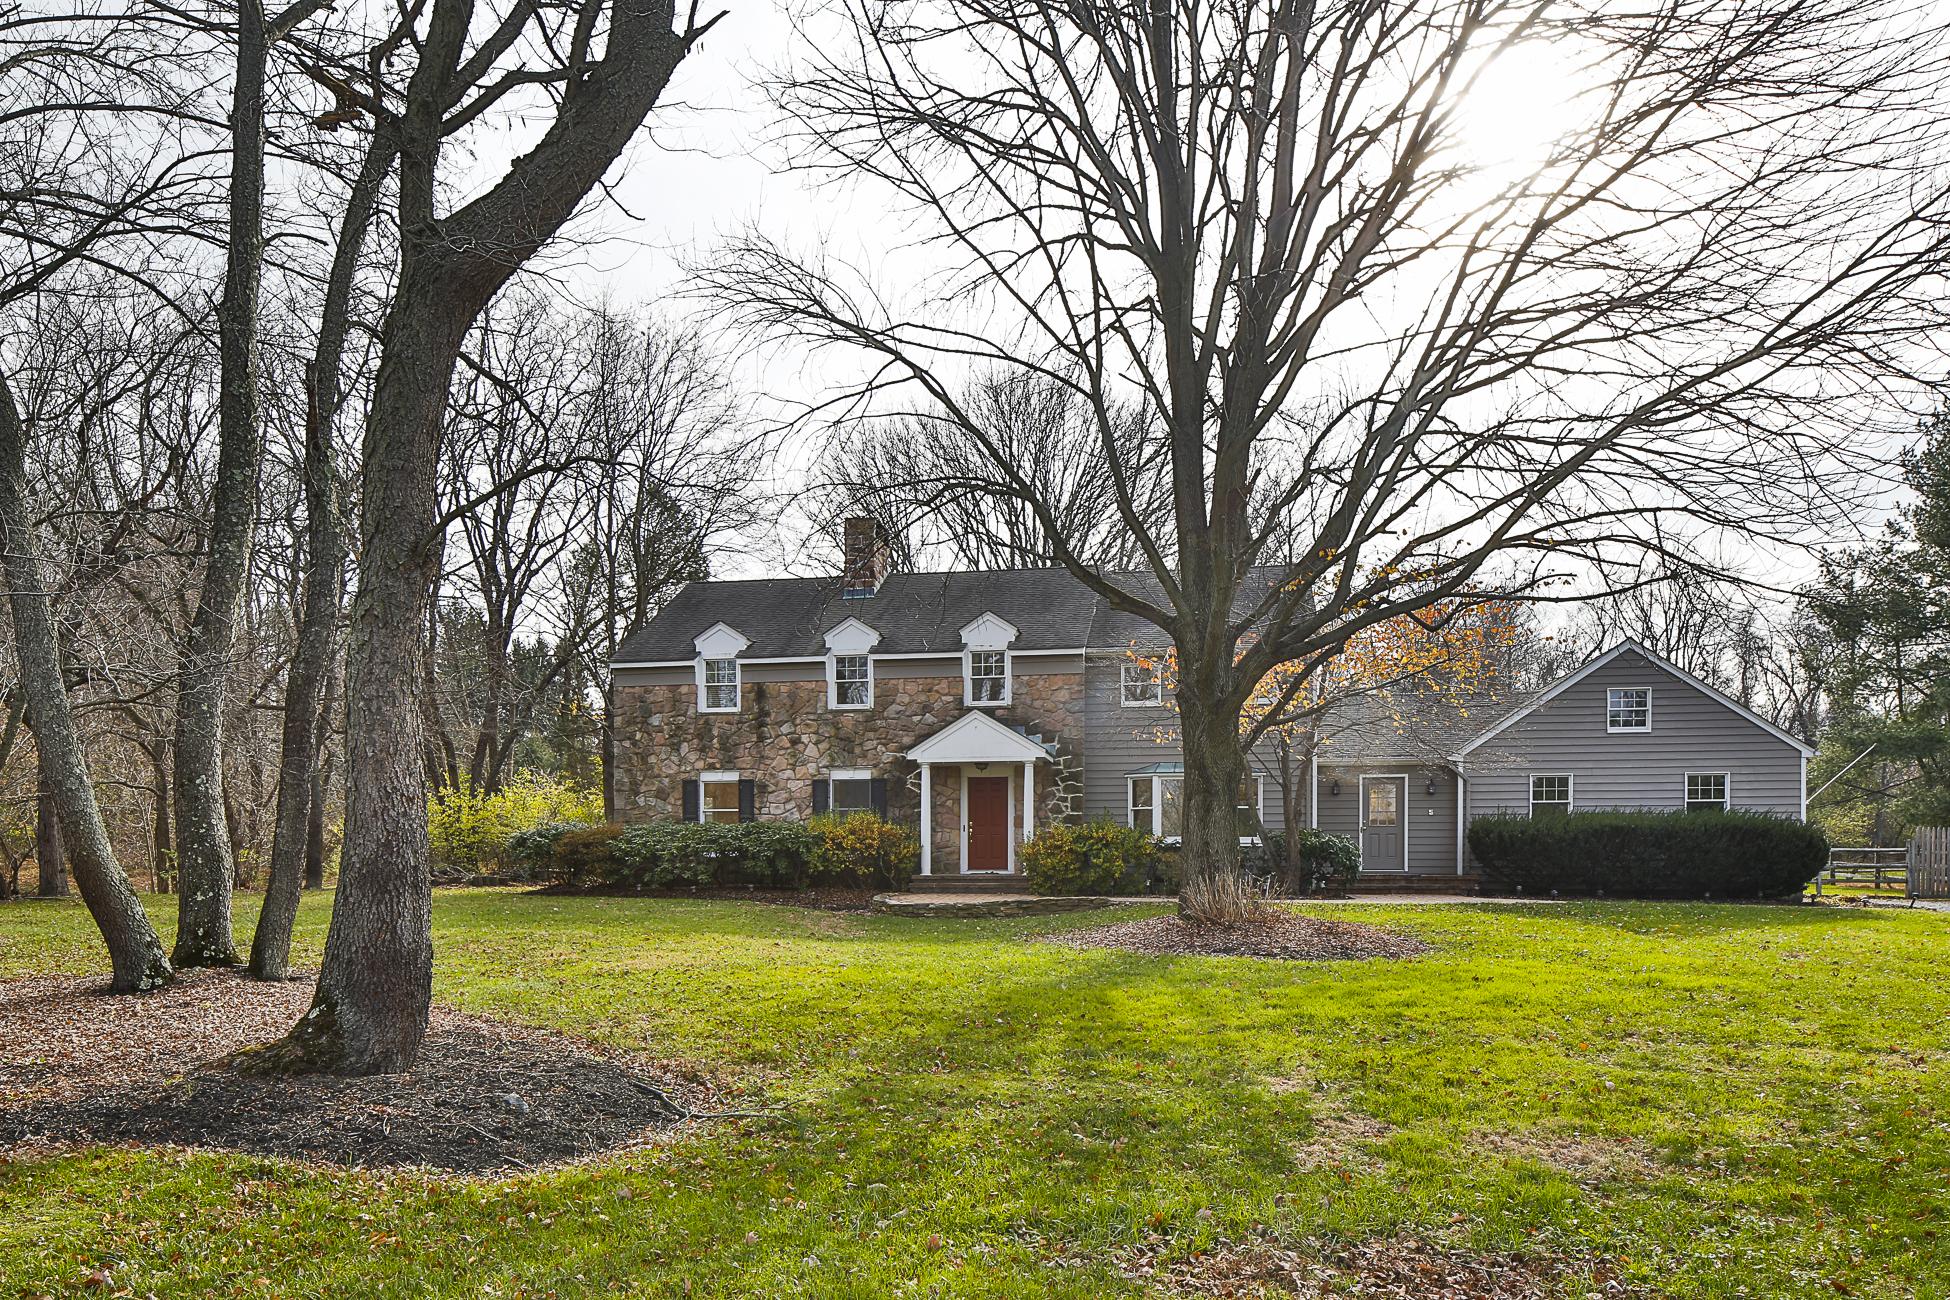 Maison unifamiliale pour l Vente à Stone-front Colonial - Lawrence Township 5 Bannister Drive Princeton, New Jersey 08540 États-Unis